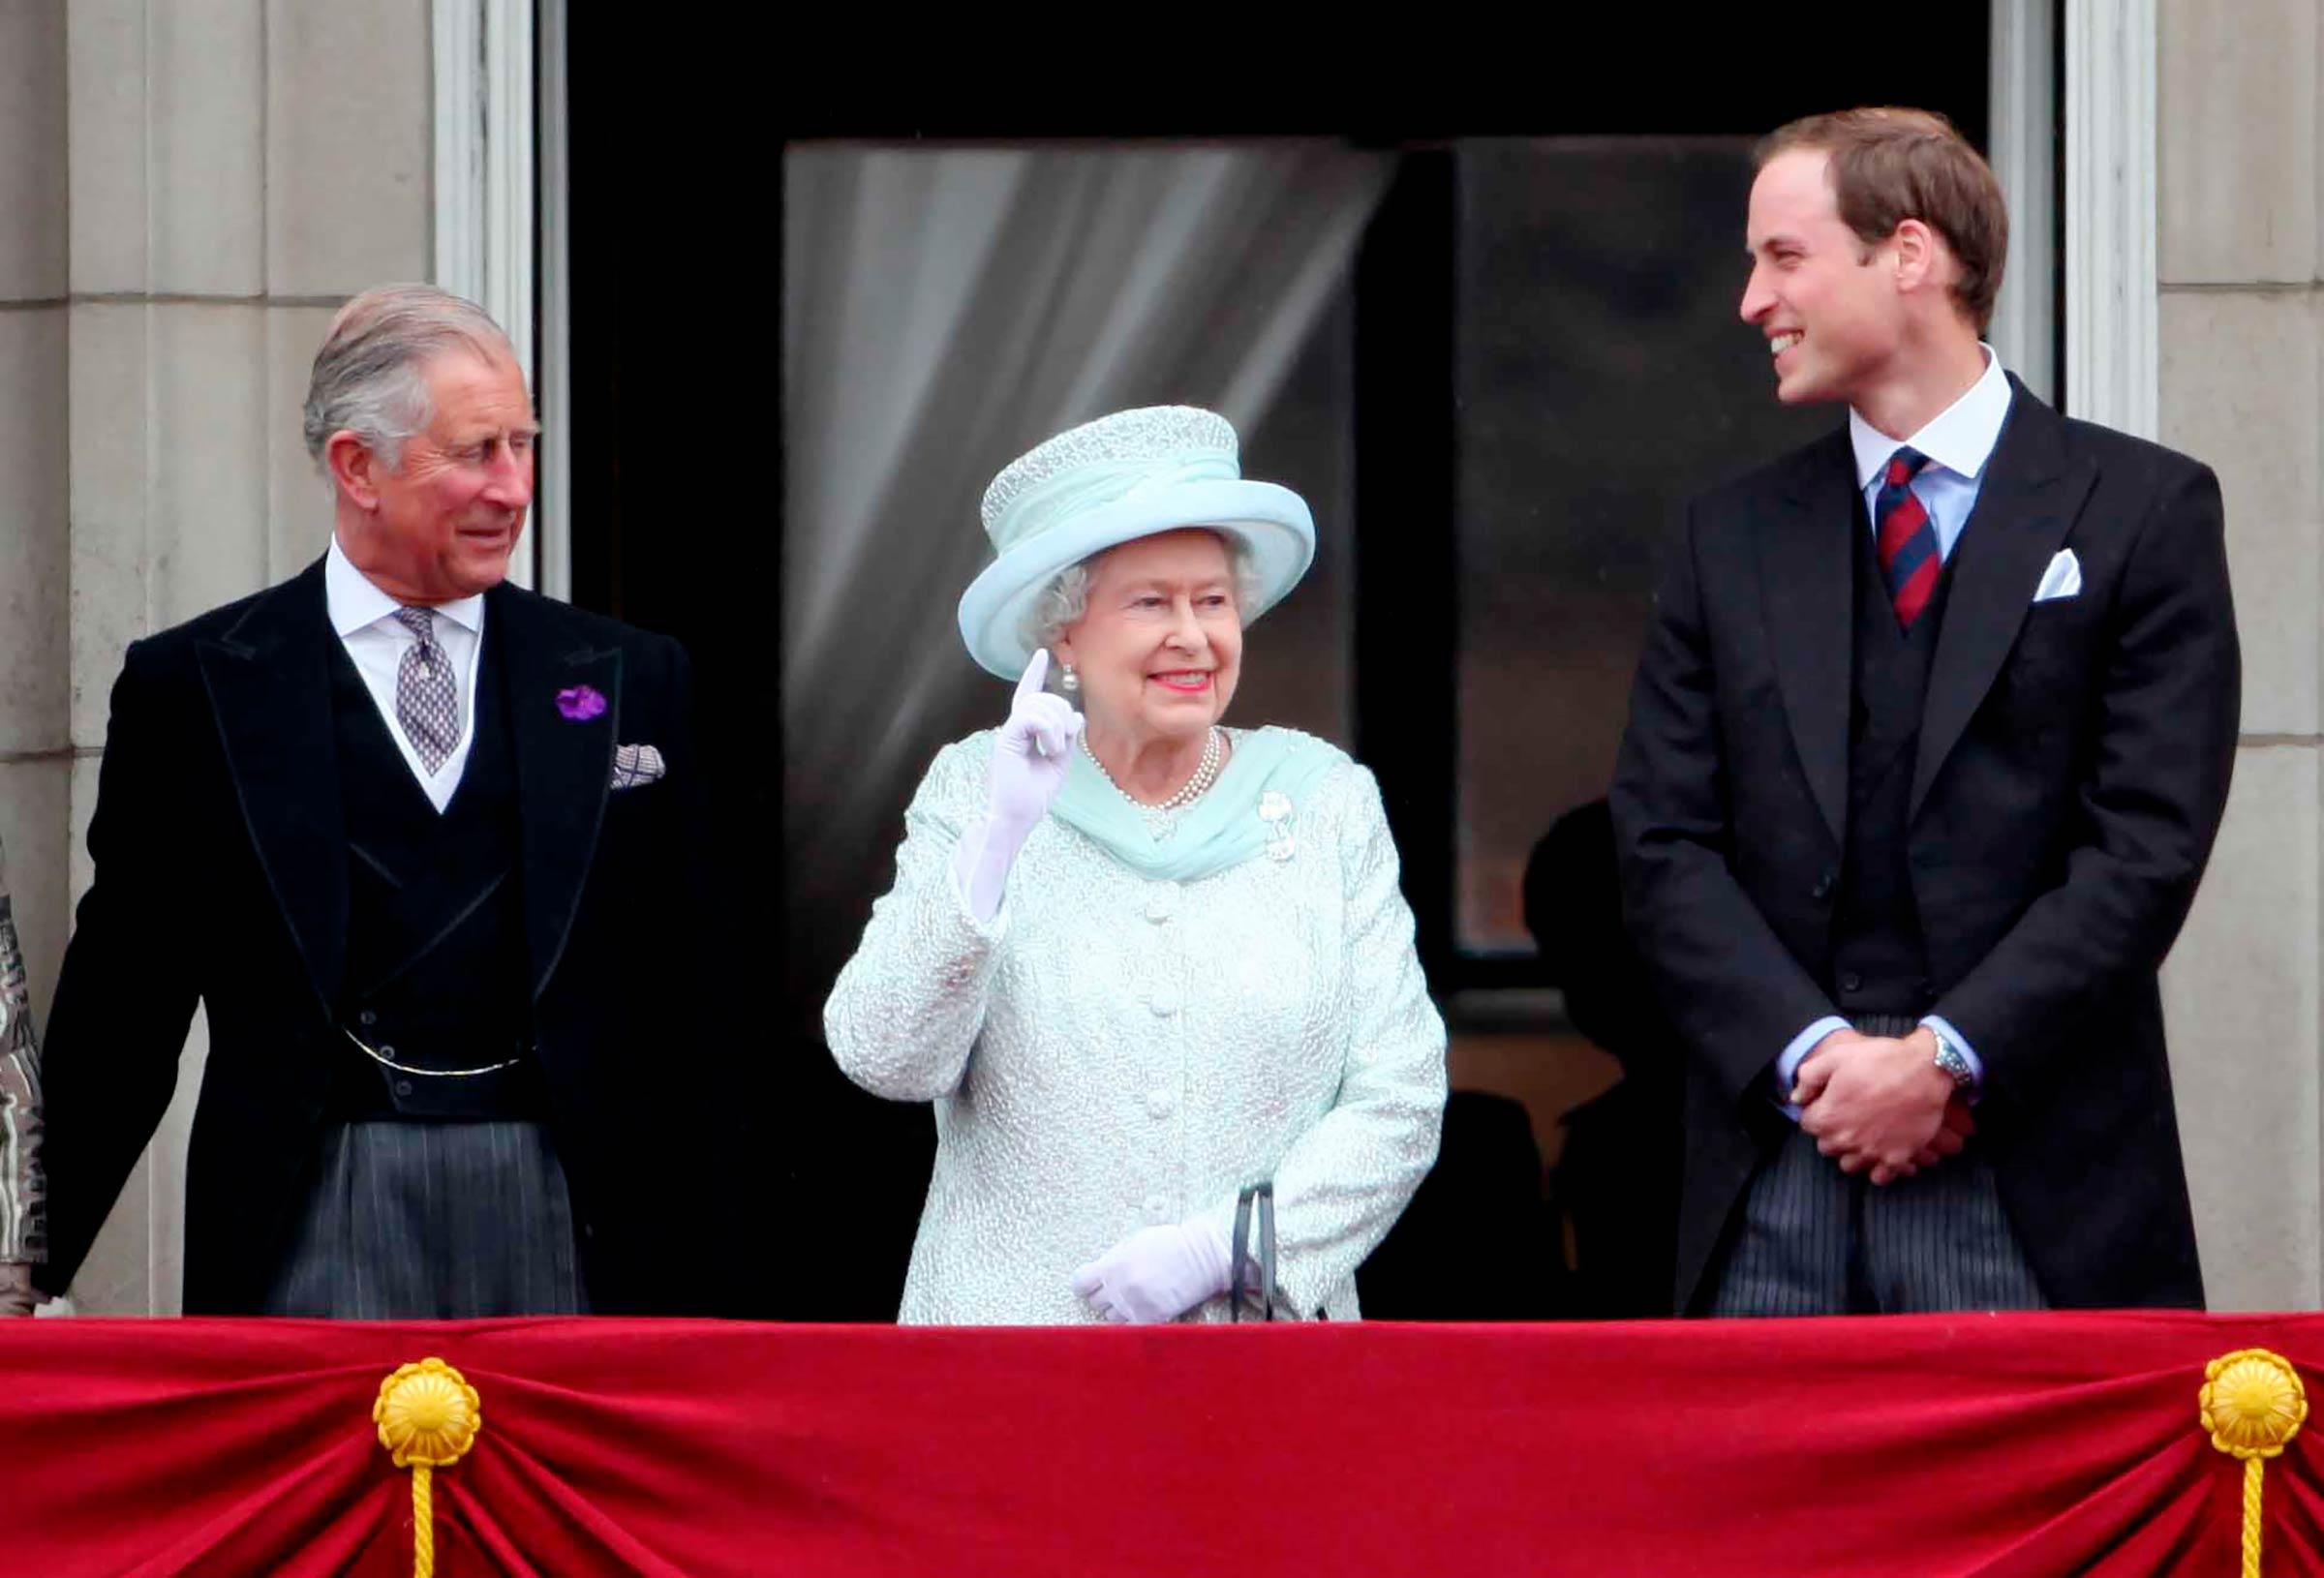 ब्रिटनचे राजपुत्र विल्यम 'प्रिन्स ऑफ वेल्स' बनणार – तयारीसाठी गुप्त बैठकी सुरू झाल्याचा माध्यमांचा दावा